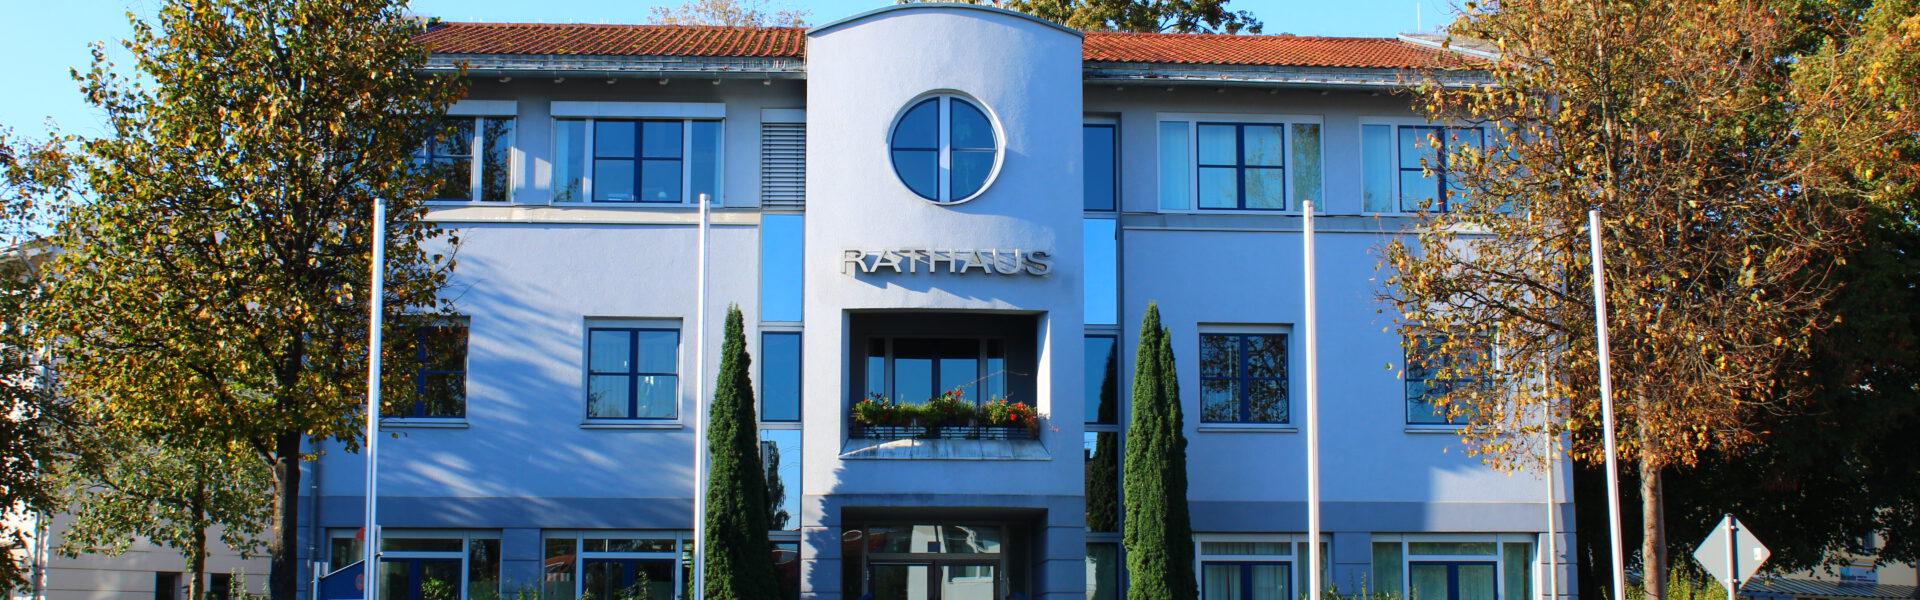 Rathaus Schwabhausen